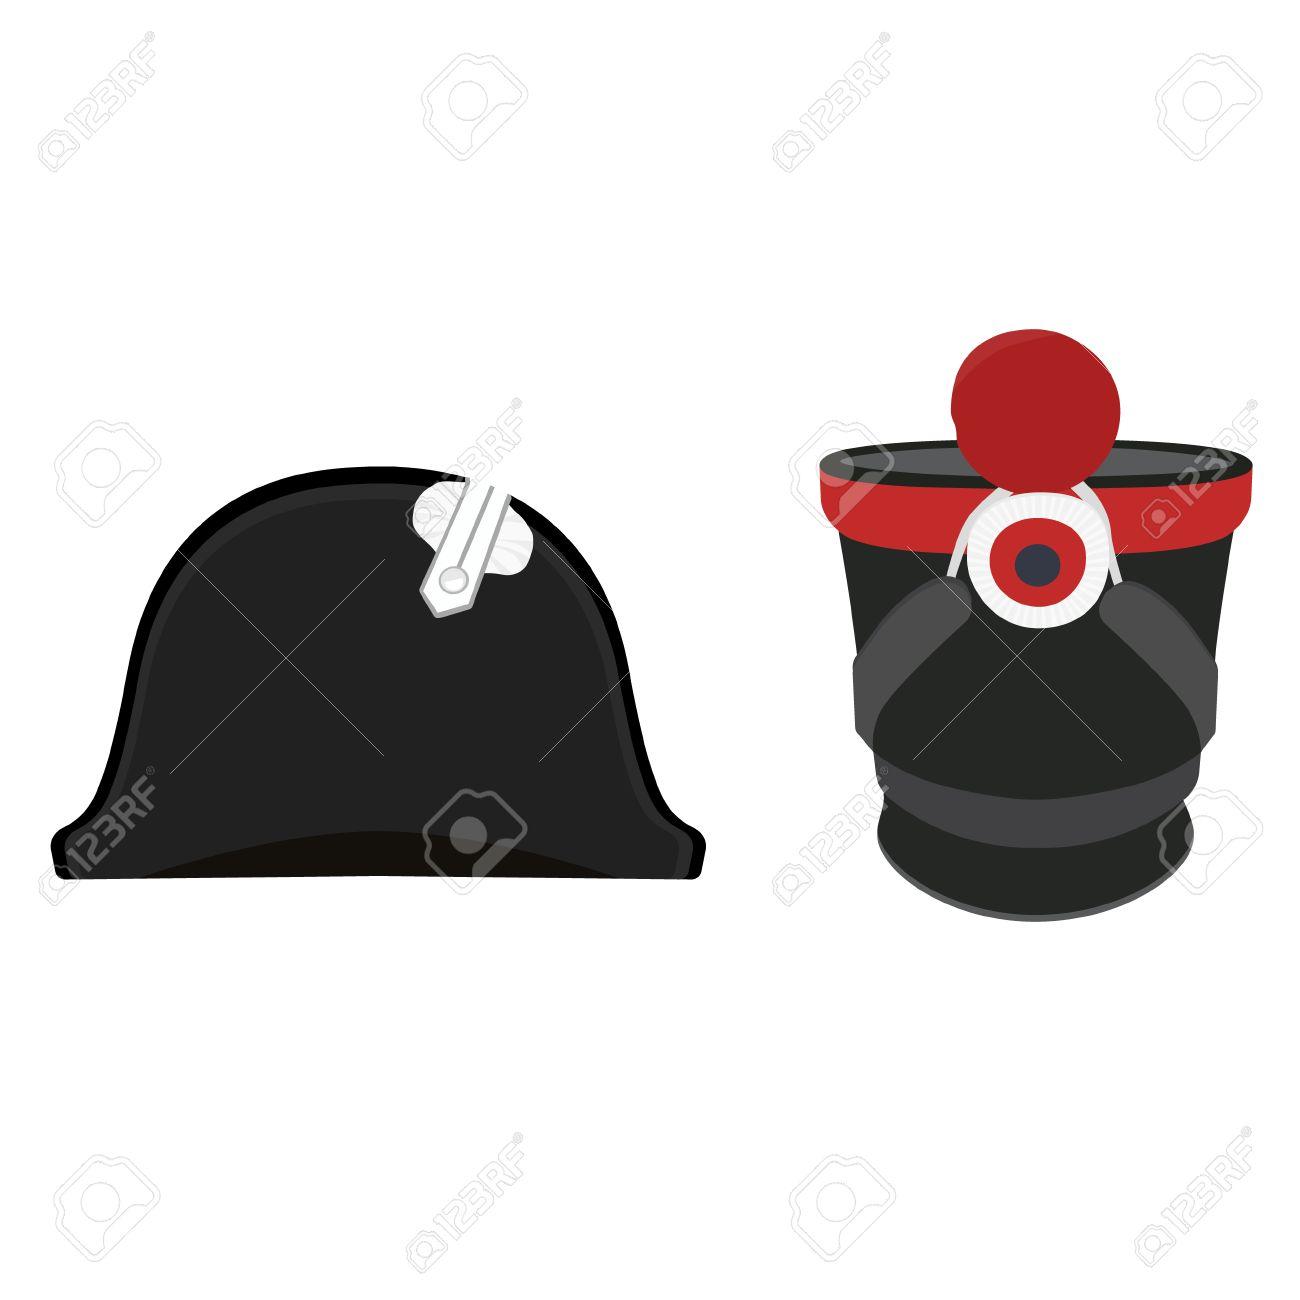 gran variedad de grandes ofertas producto caliente Ilustración vectorial negro sombrero de Napoleón Bonaparte y gorra militar  cilíndrica. sombrero chacó de la infantería. bicornio general